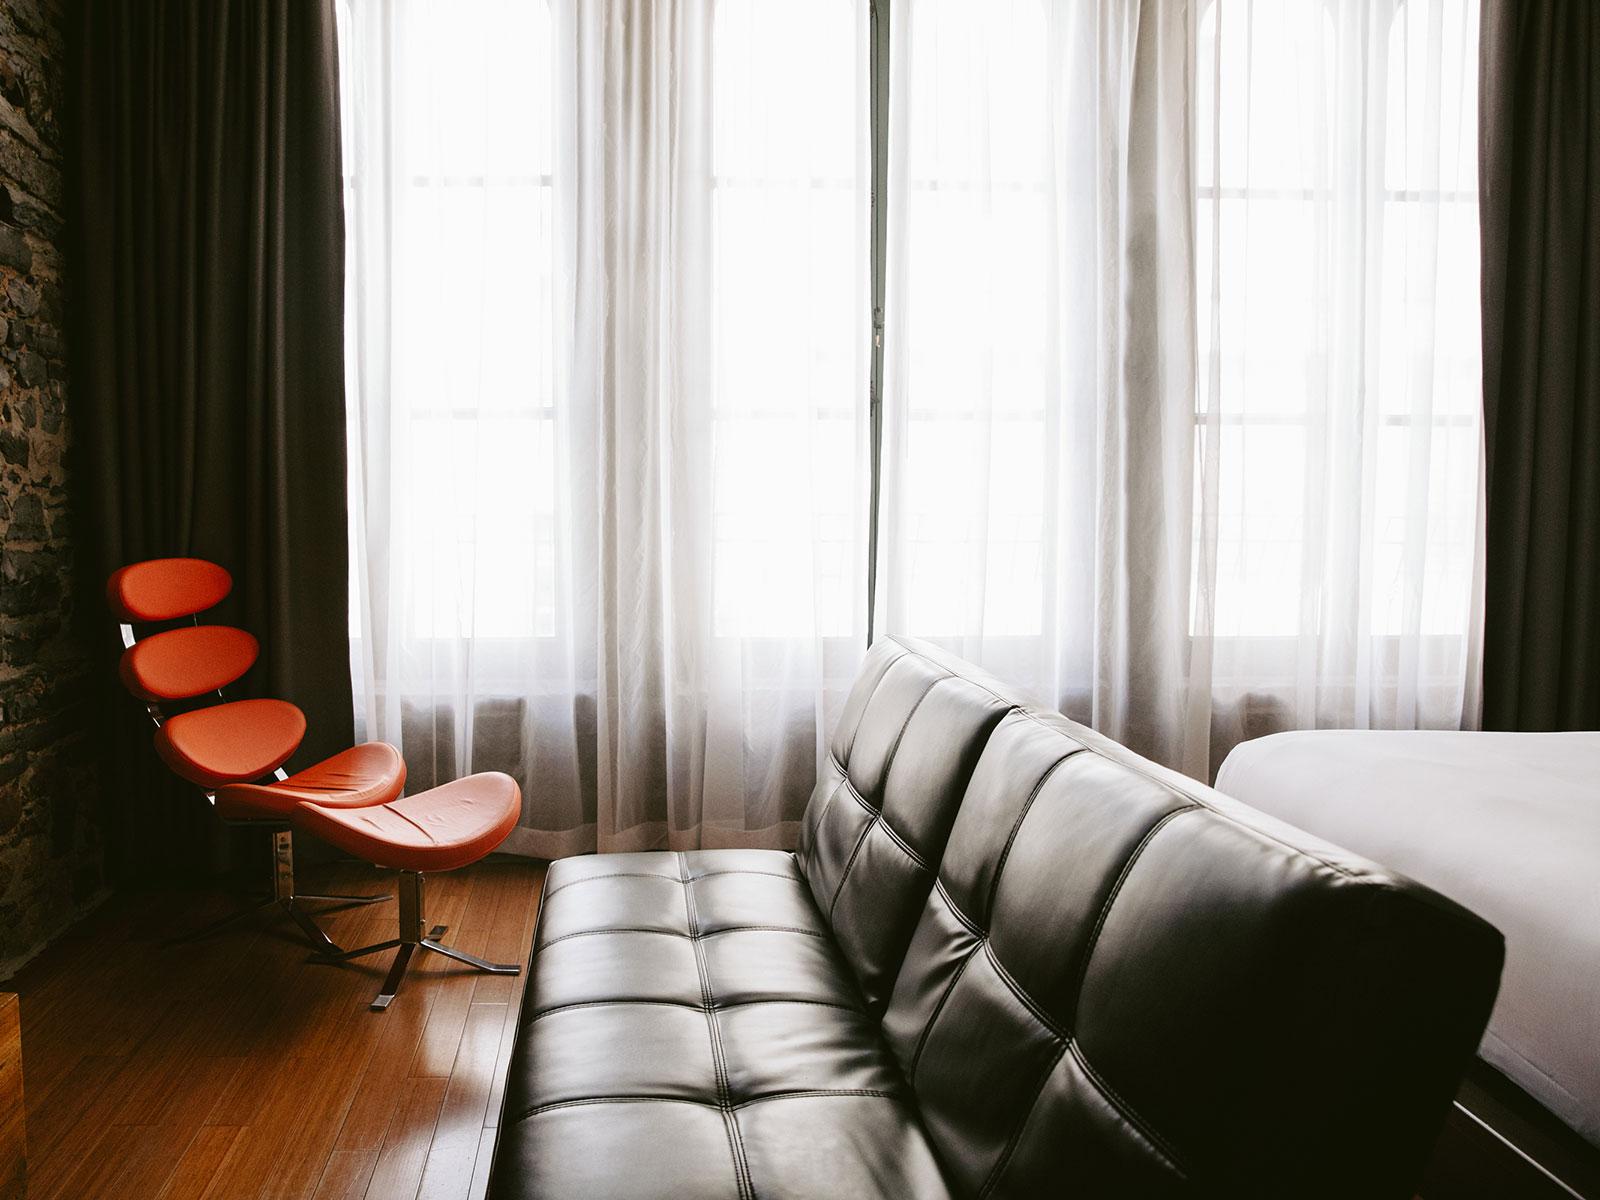 Un futon noir et une chaise orange en face d'un lit dans l'une des chambres du Petit Hôtel.